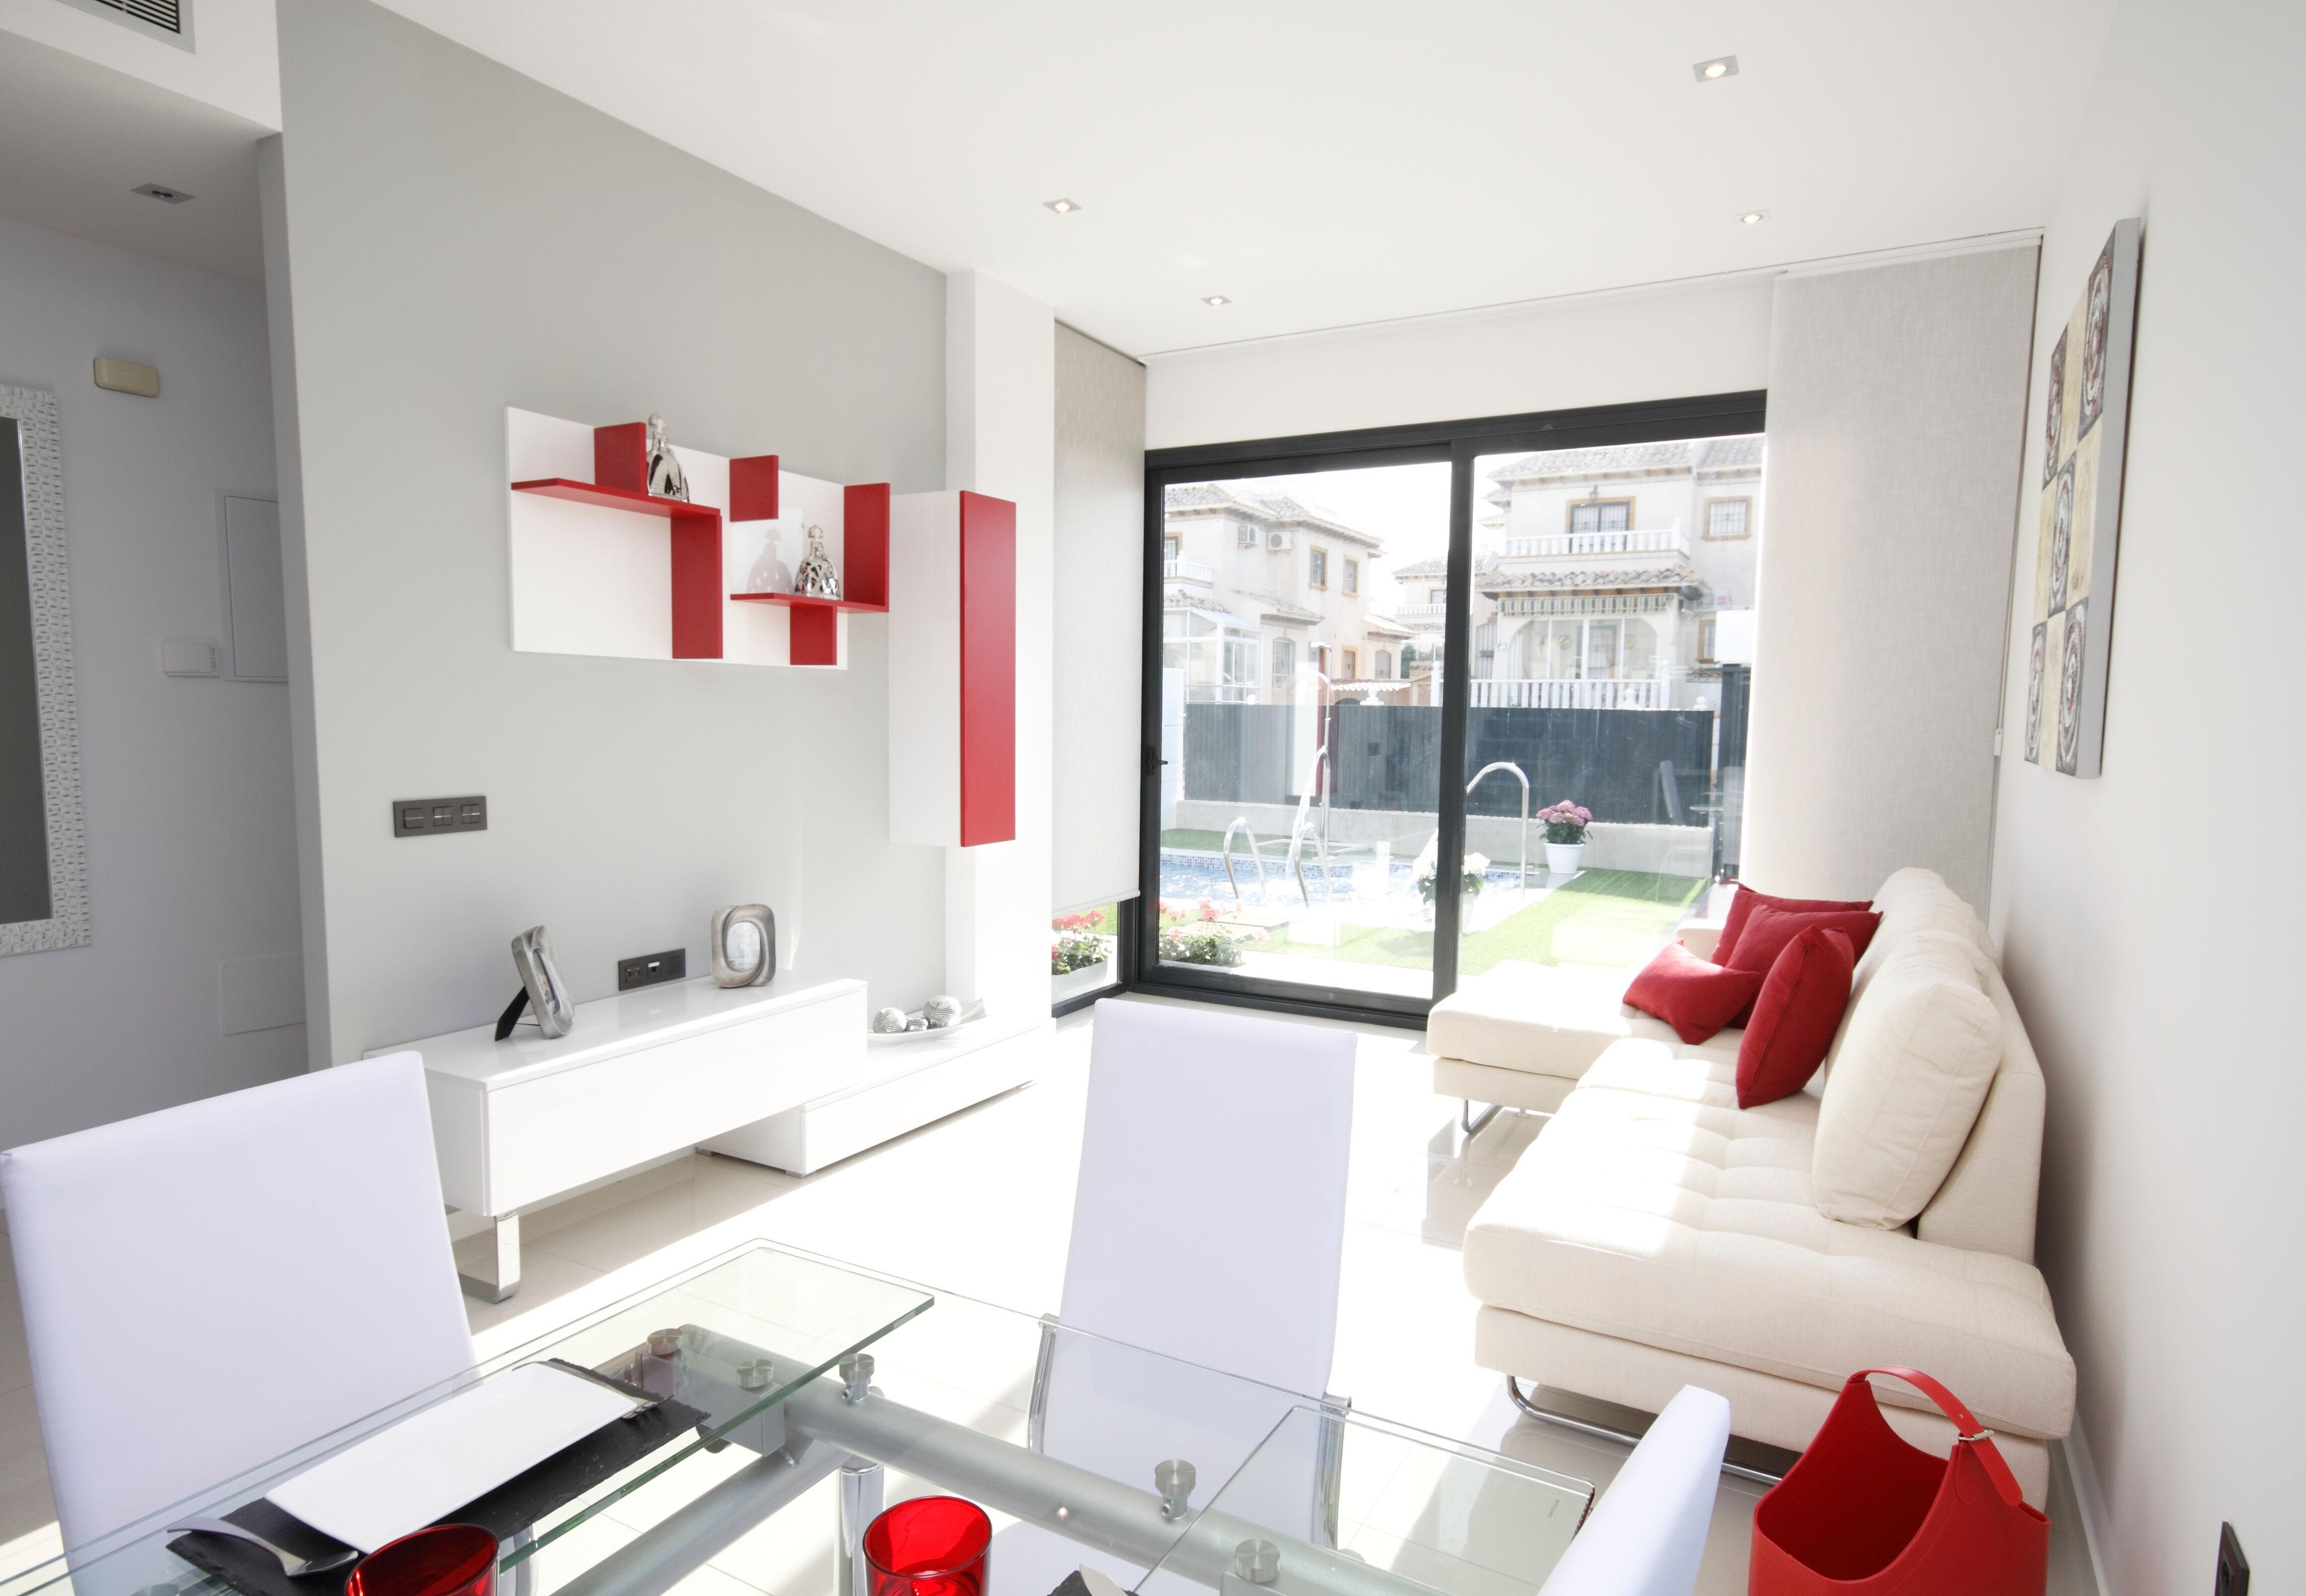 sch ne neubauvillen mit pool in quesada ihre immobilienmakler aus feldkirch f r ganz vorarlberg. Black Bedroom Furniture Sets. Home Design Ideas